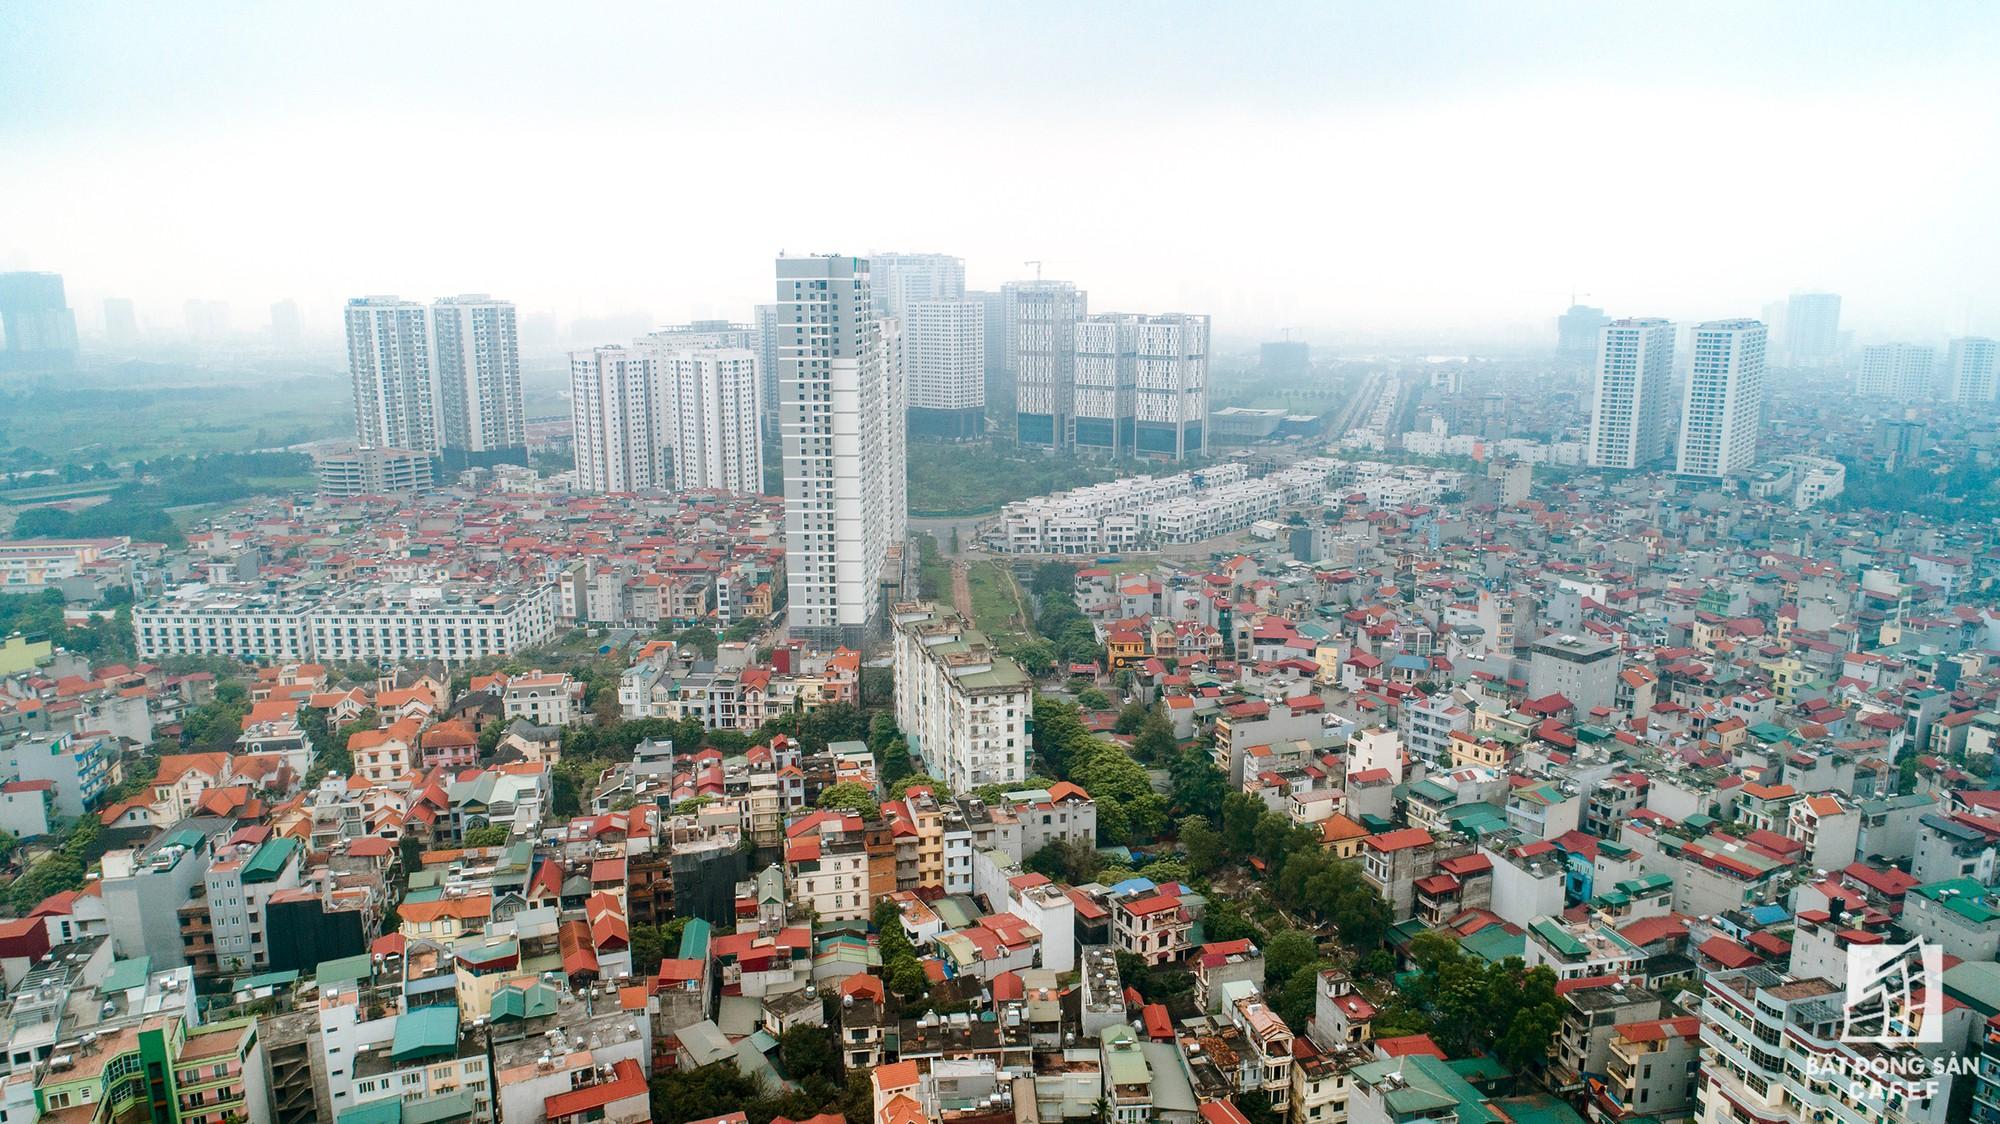 Cận cảnh hàng loạt dự án cao ốc dọc trục đường 8 làn xe tại trung tâm Hà Nội - Ảnh 14.